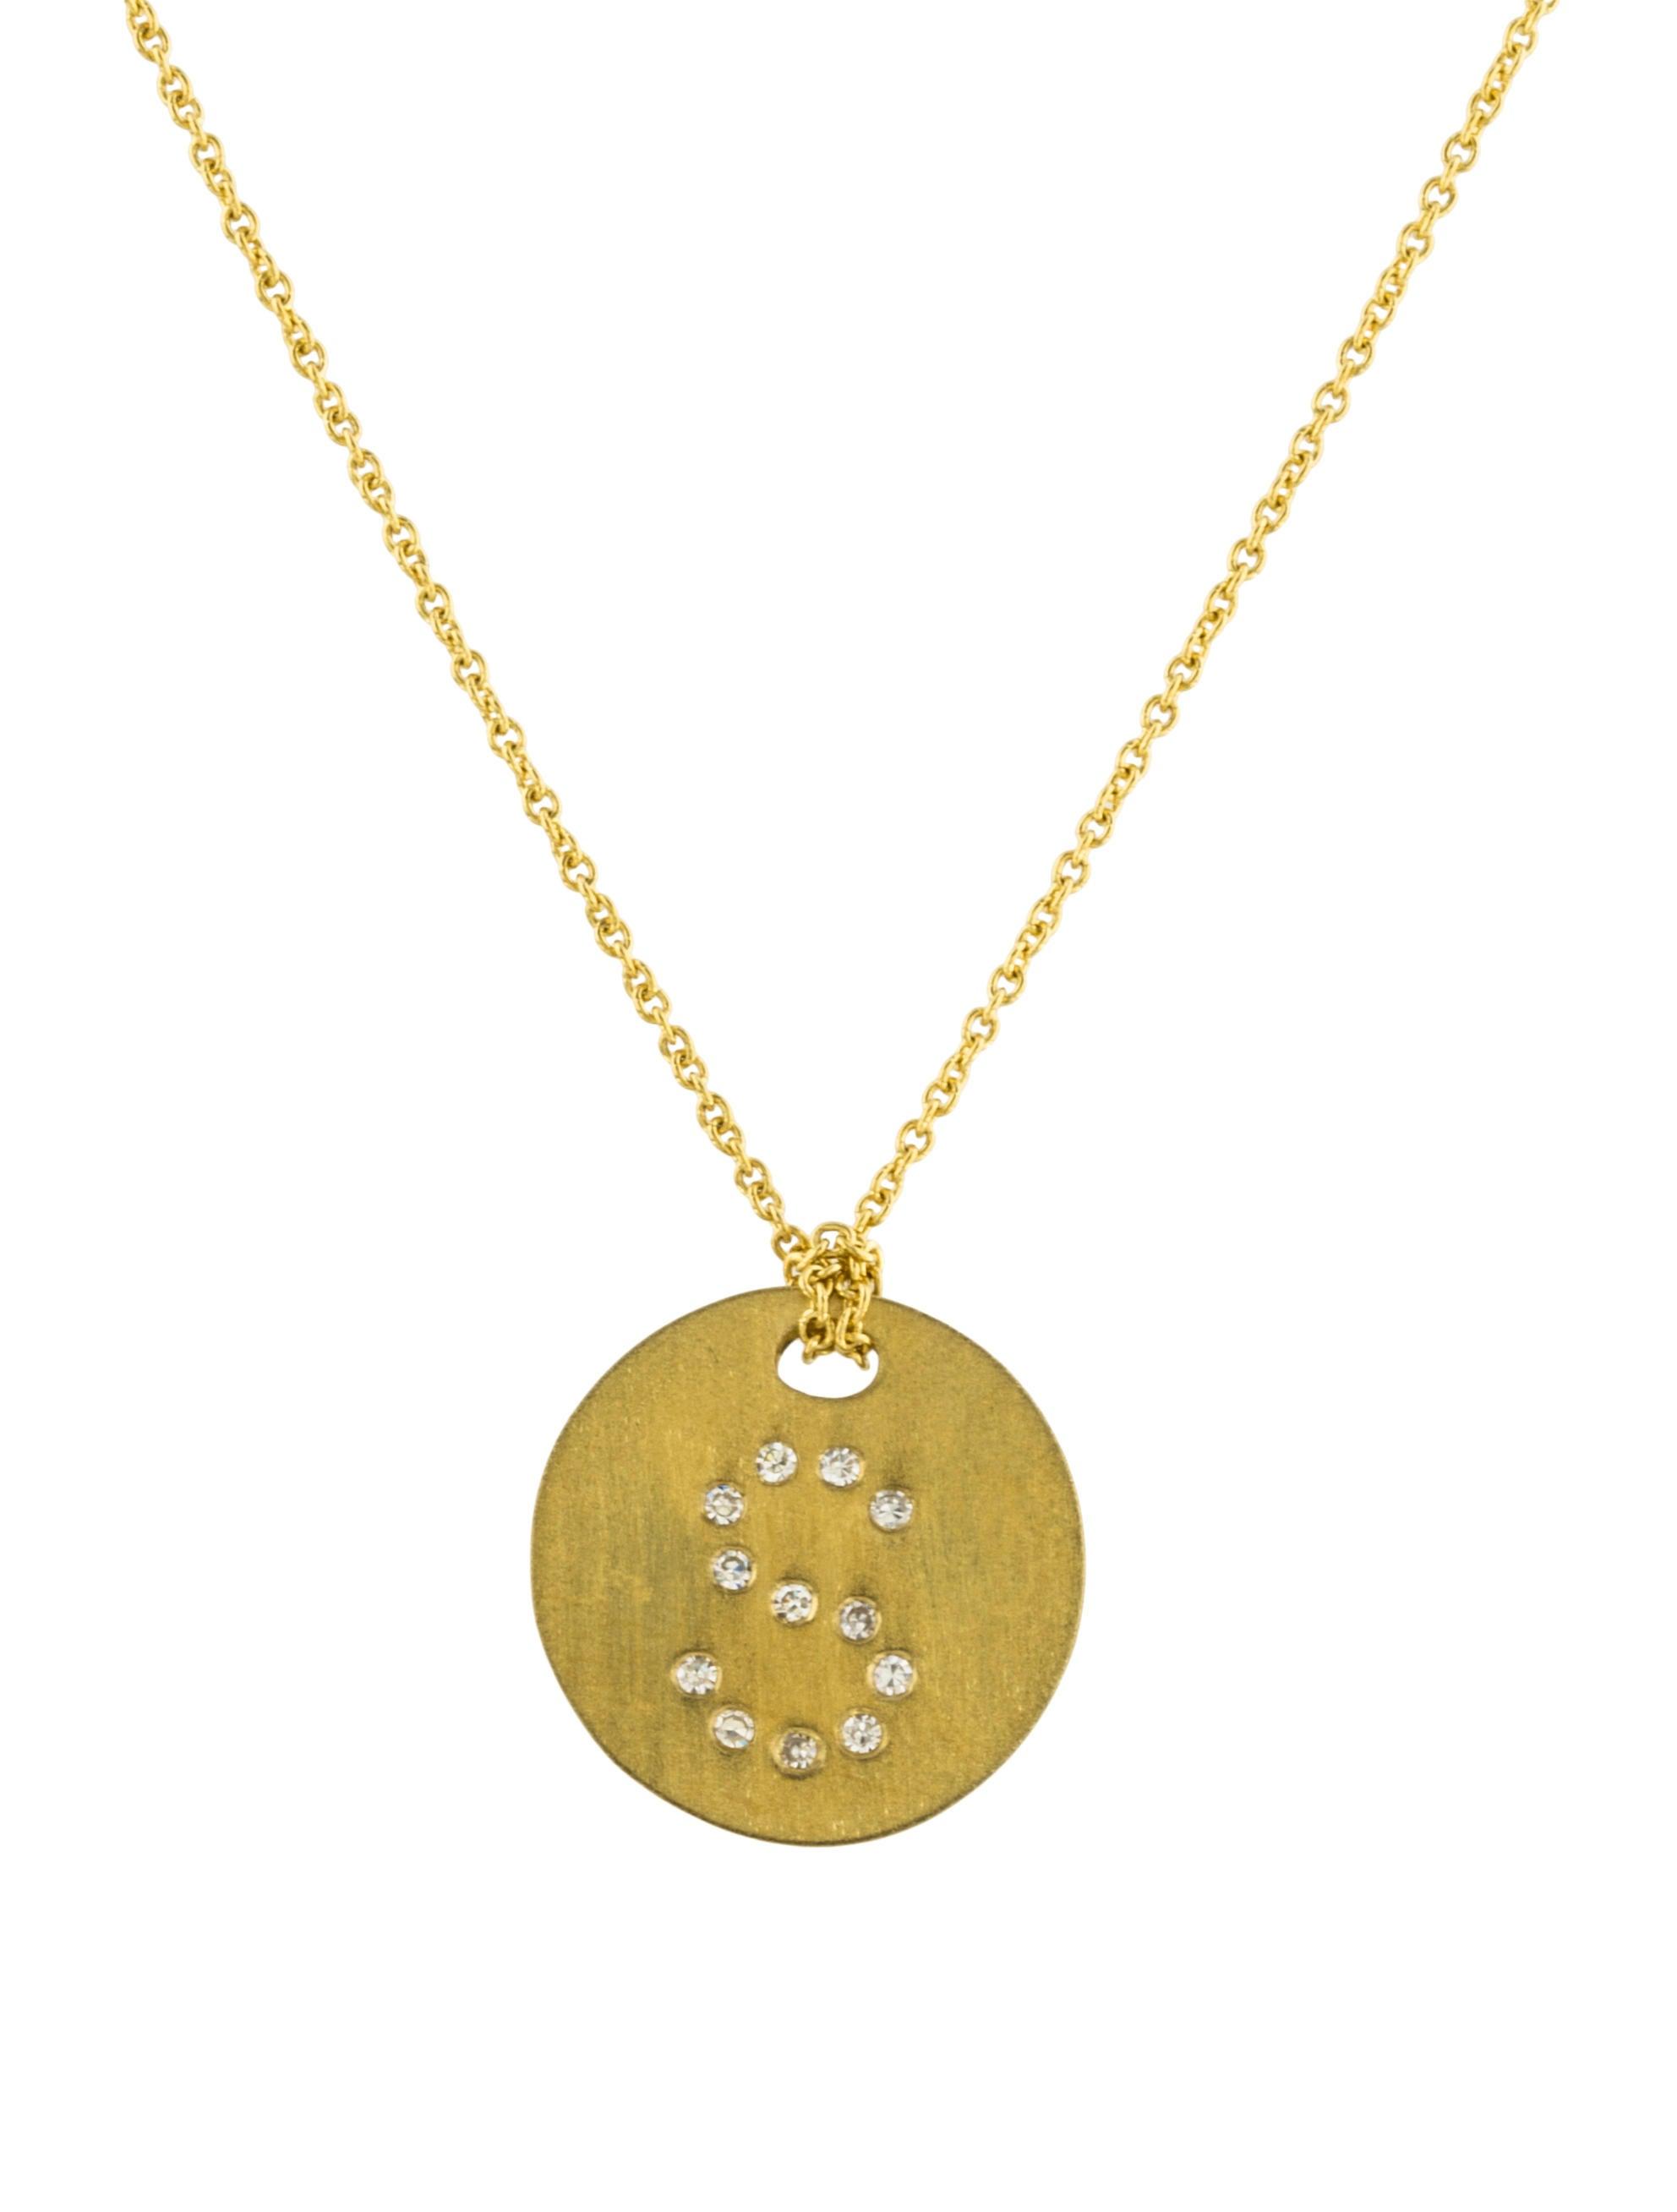 Roberto coin 18k diamond letter medallion pendant necklace for Roberto coin letter pendant